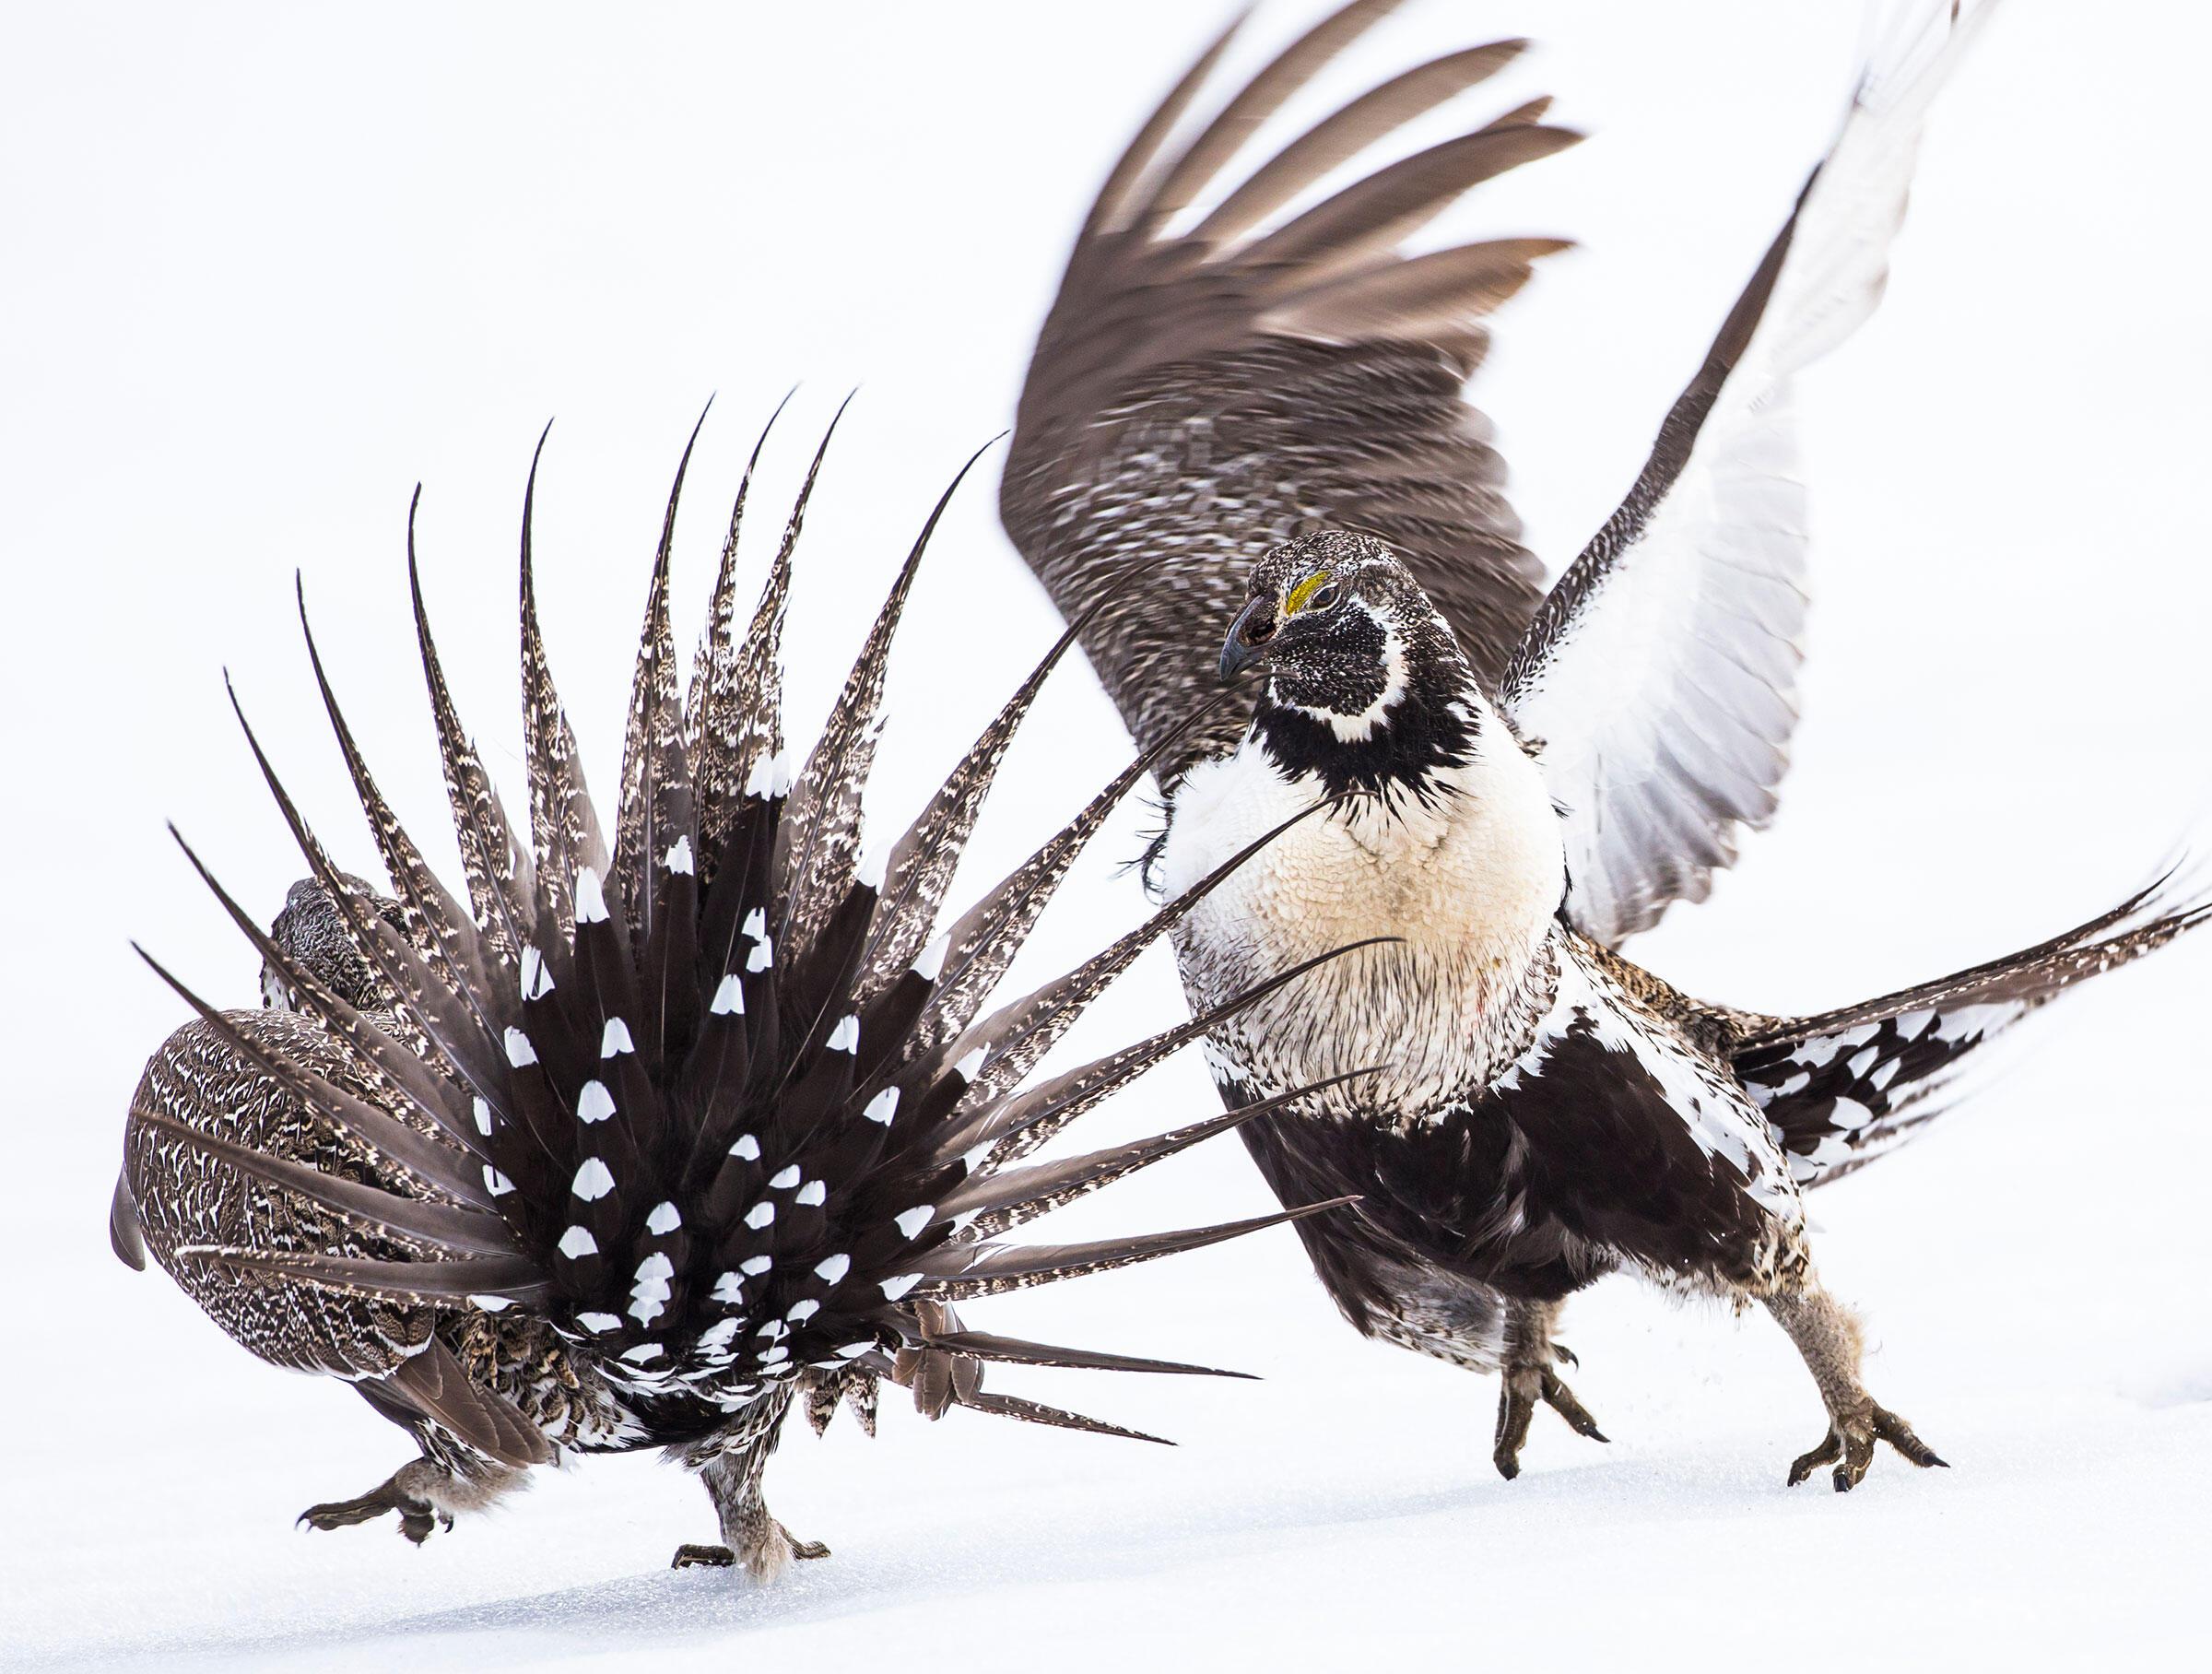 Greater Sage-Grouse. Elizabeth Boehm/Audubon Photography Awards